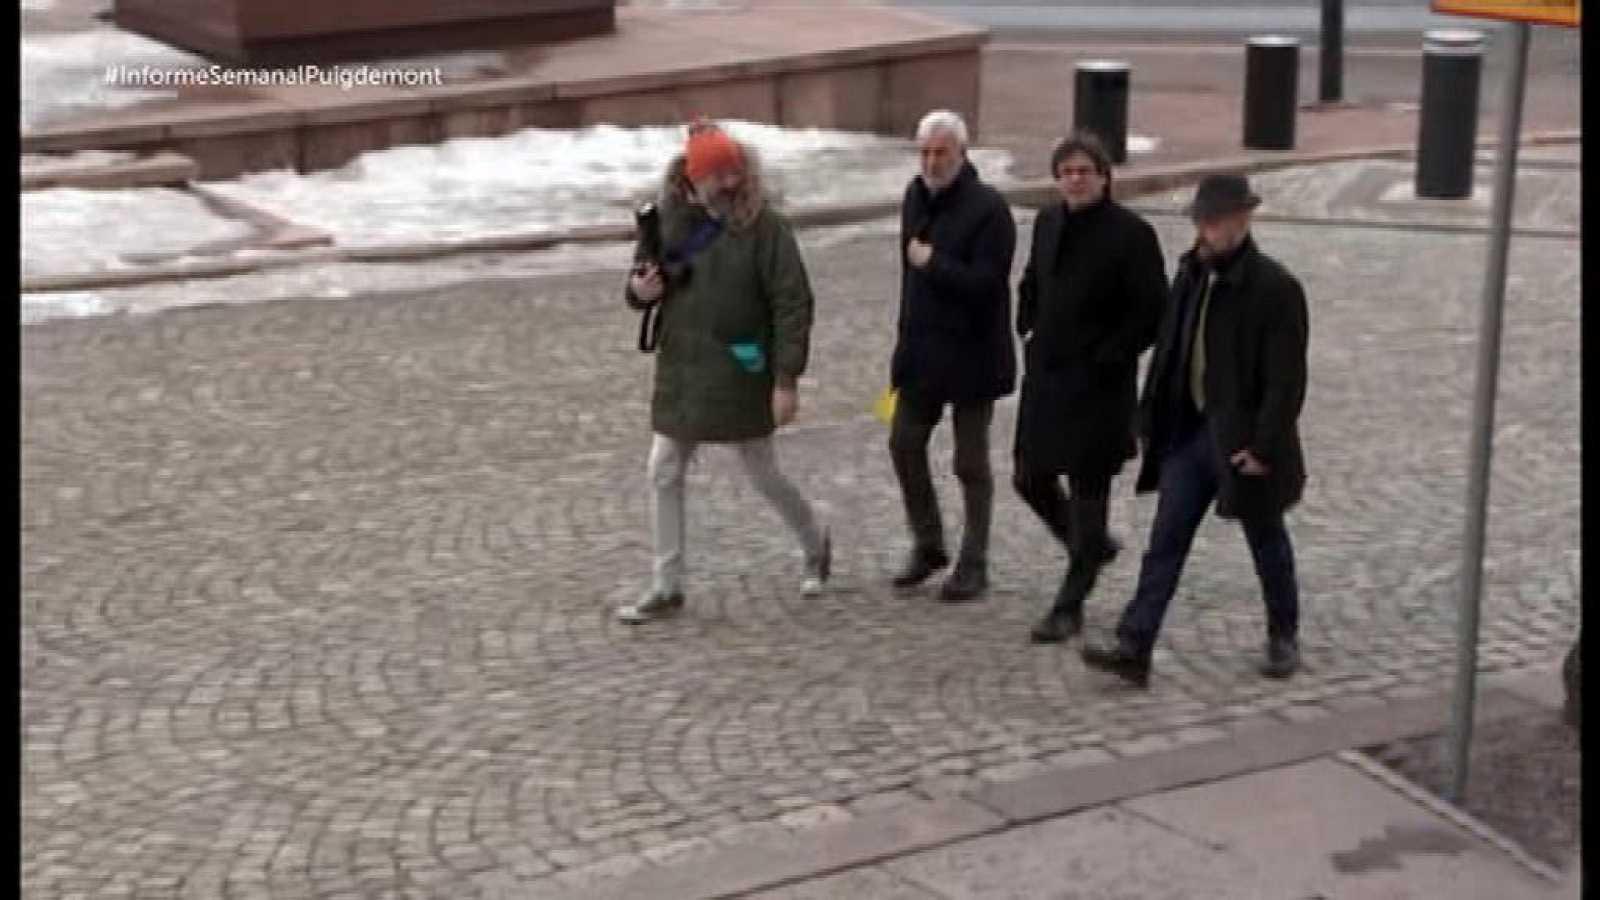 Informe Semanal - El viaje de Puigdemont - ver ahora